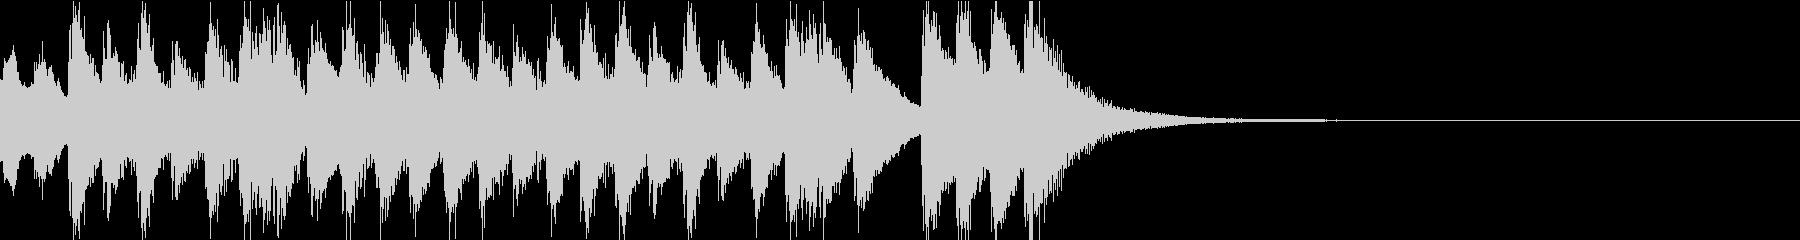 和物の場面チェンジに合うジングルの未再生の波形